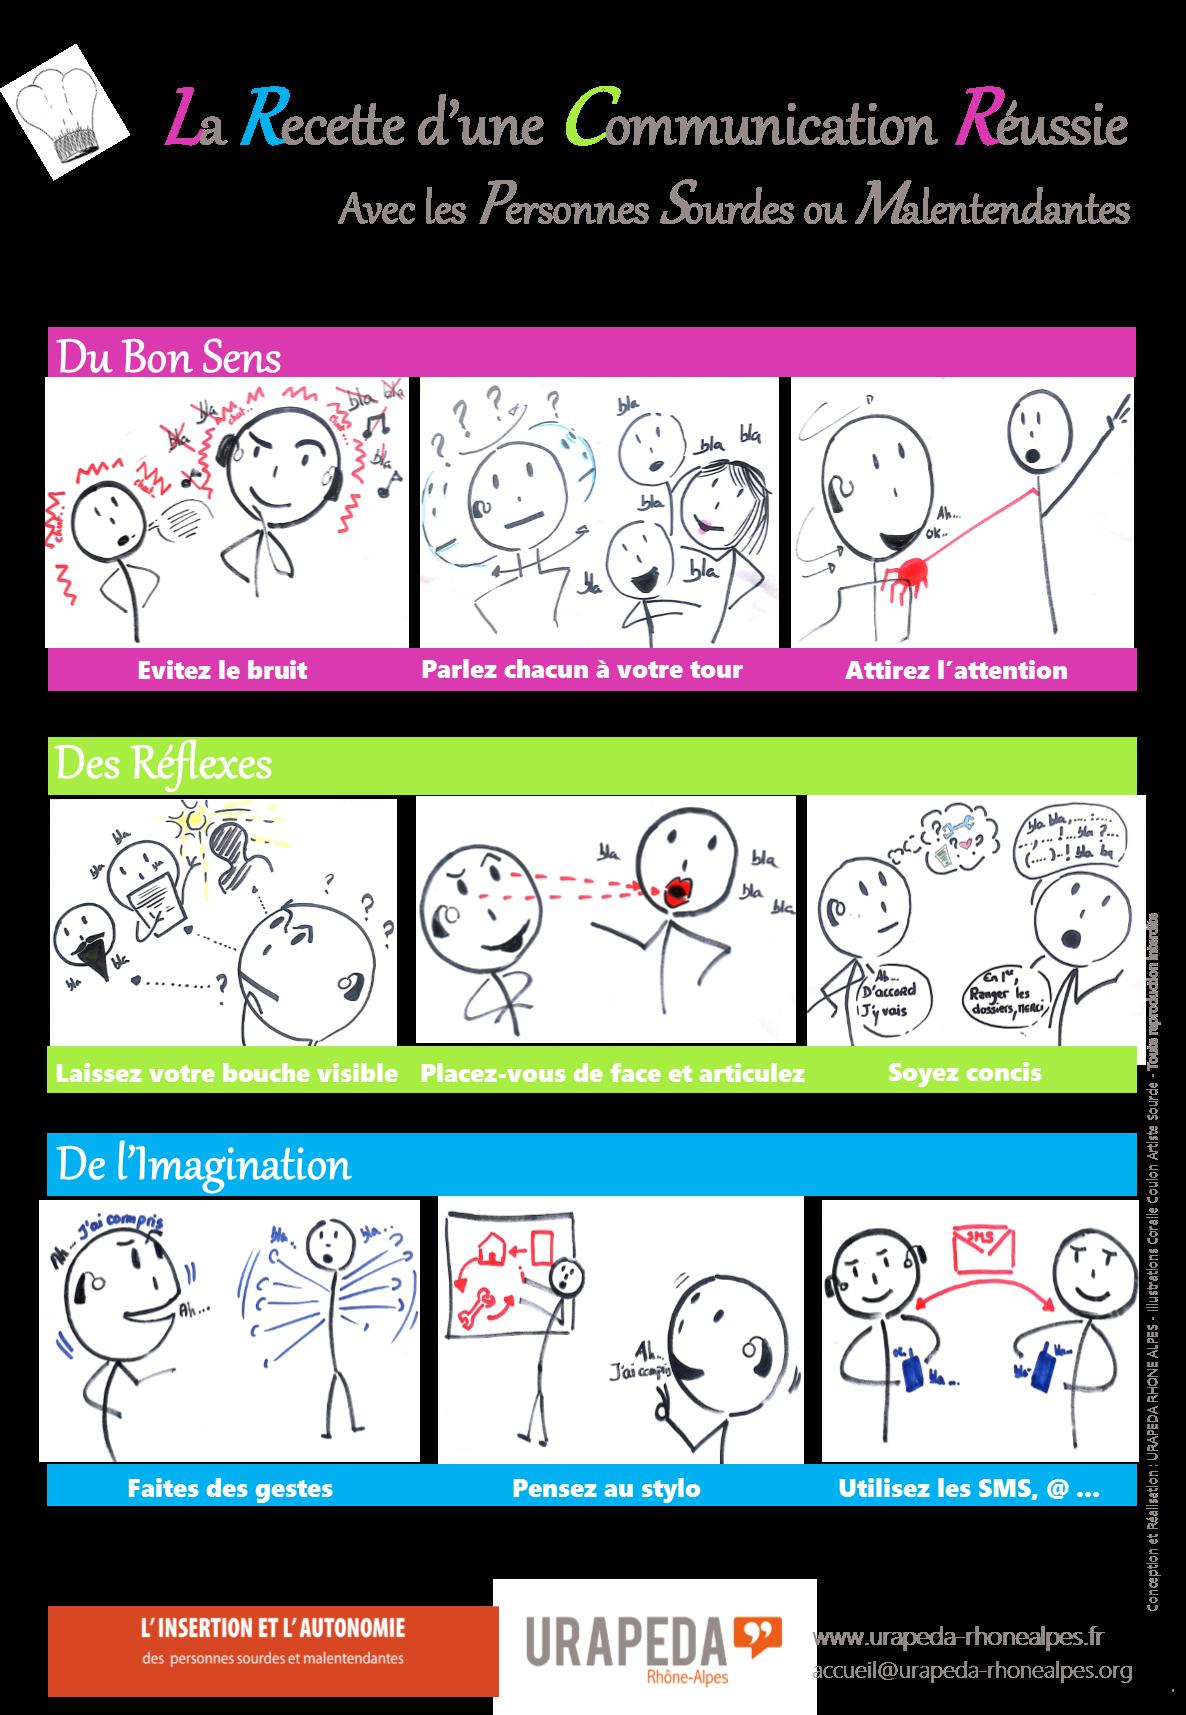 La Recette d'une communication réussie avec les personnes sourdes ou malentendantes. Du bon sens: évitez le bruit, parlez chacun votre tour, attirez l'attention. Des réflexes: laissez votre bouche visible, placez vous de face et articulez, soyez concis. De l'imagination: faites des gestes, pensez au stylo, utilisez les sms et les réseaux-sociaux. L'insertion et l'autonomie des personnes malentendantes. URAPEDA Rhône-Alpes. www.urapeda.rhonealpes.fr. accueil@urapeda-rhonealpes.org.